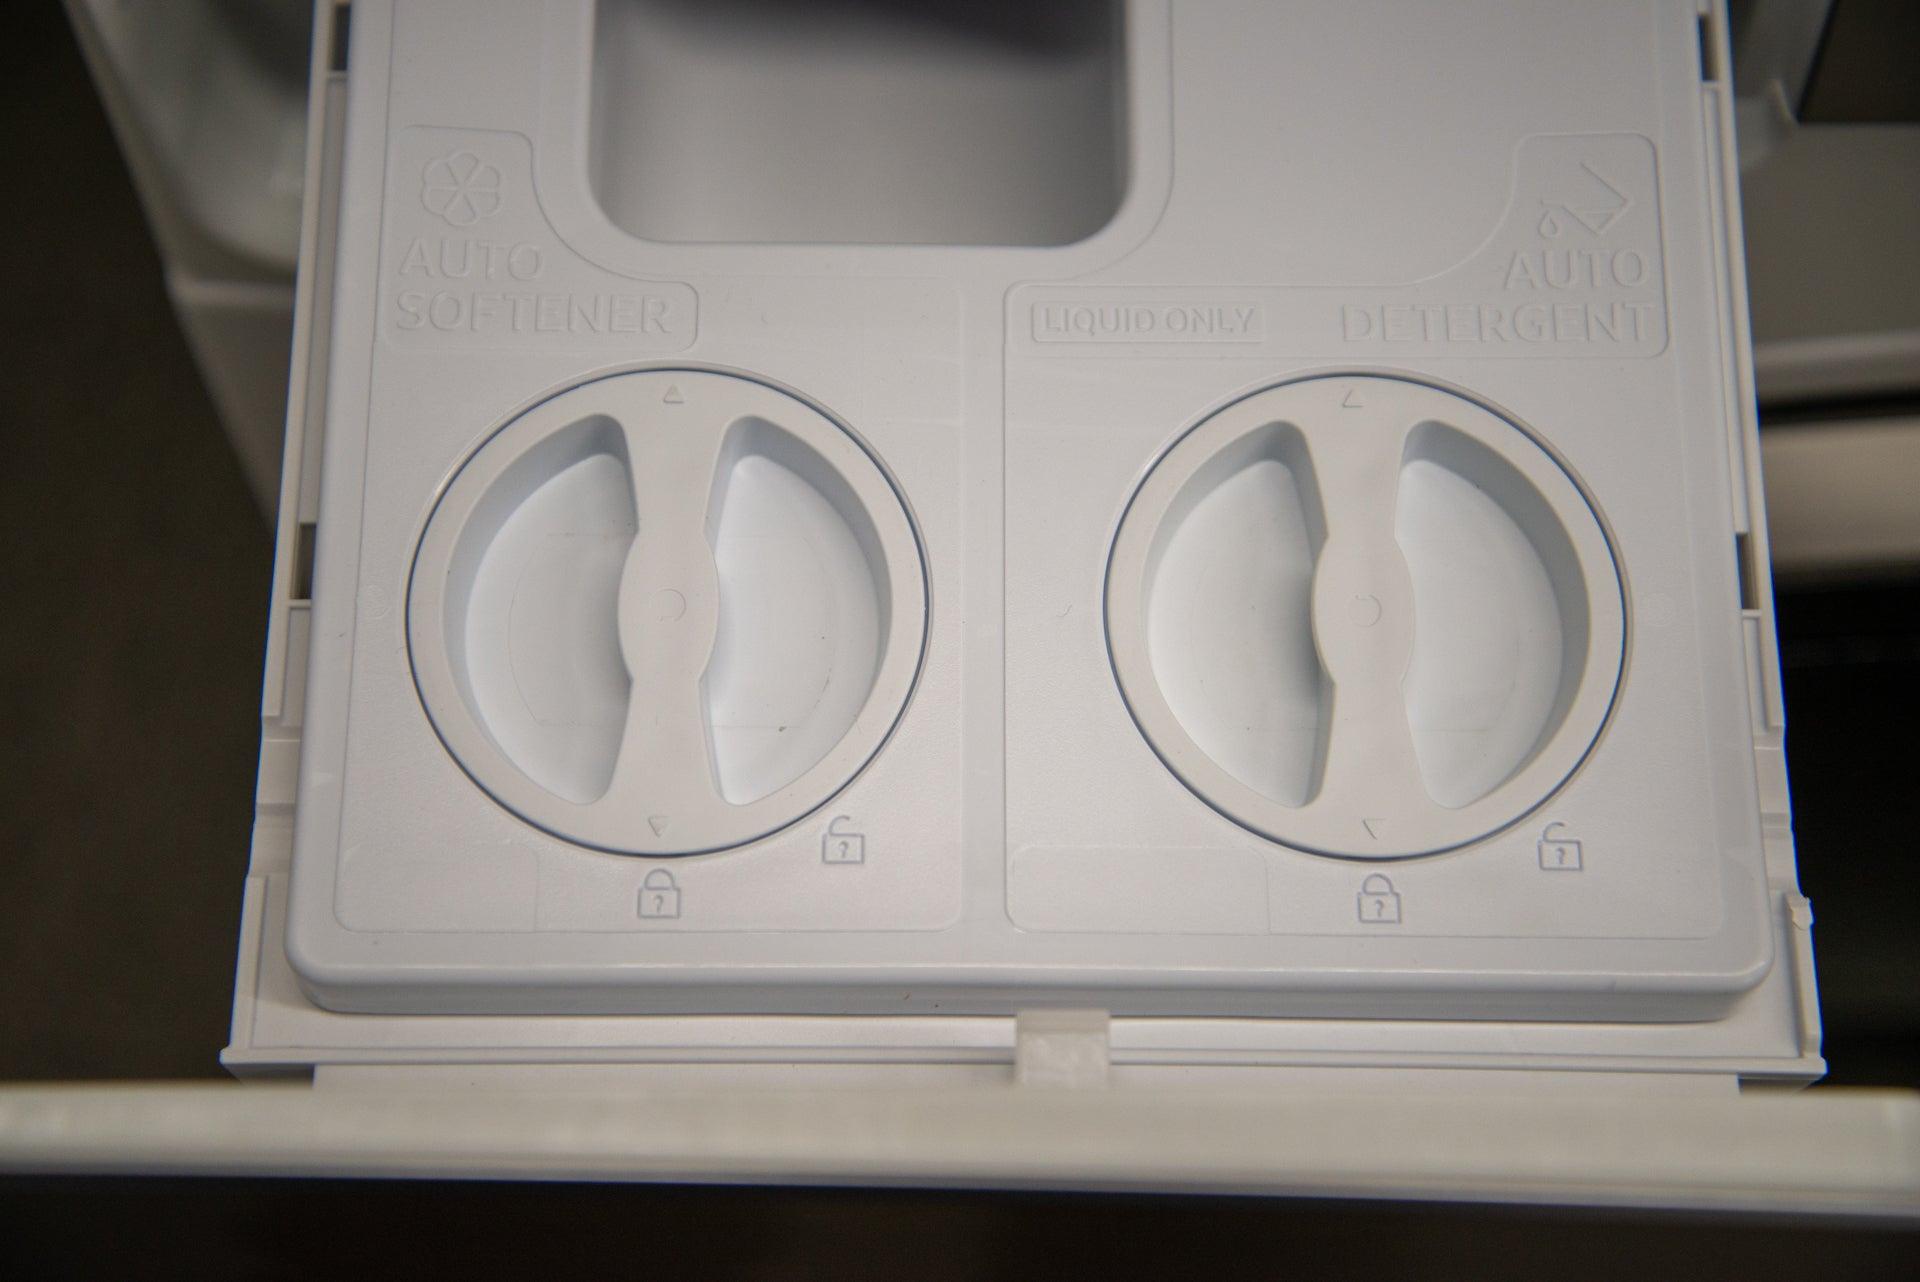 Samsung WW9800T detergent drawer